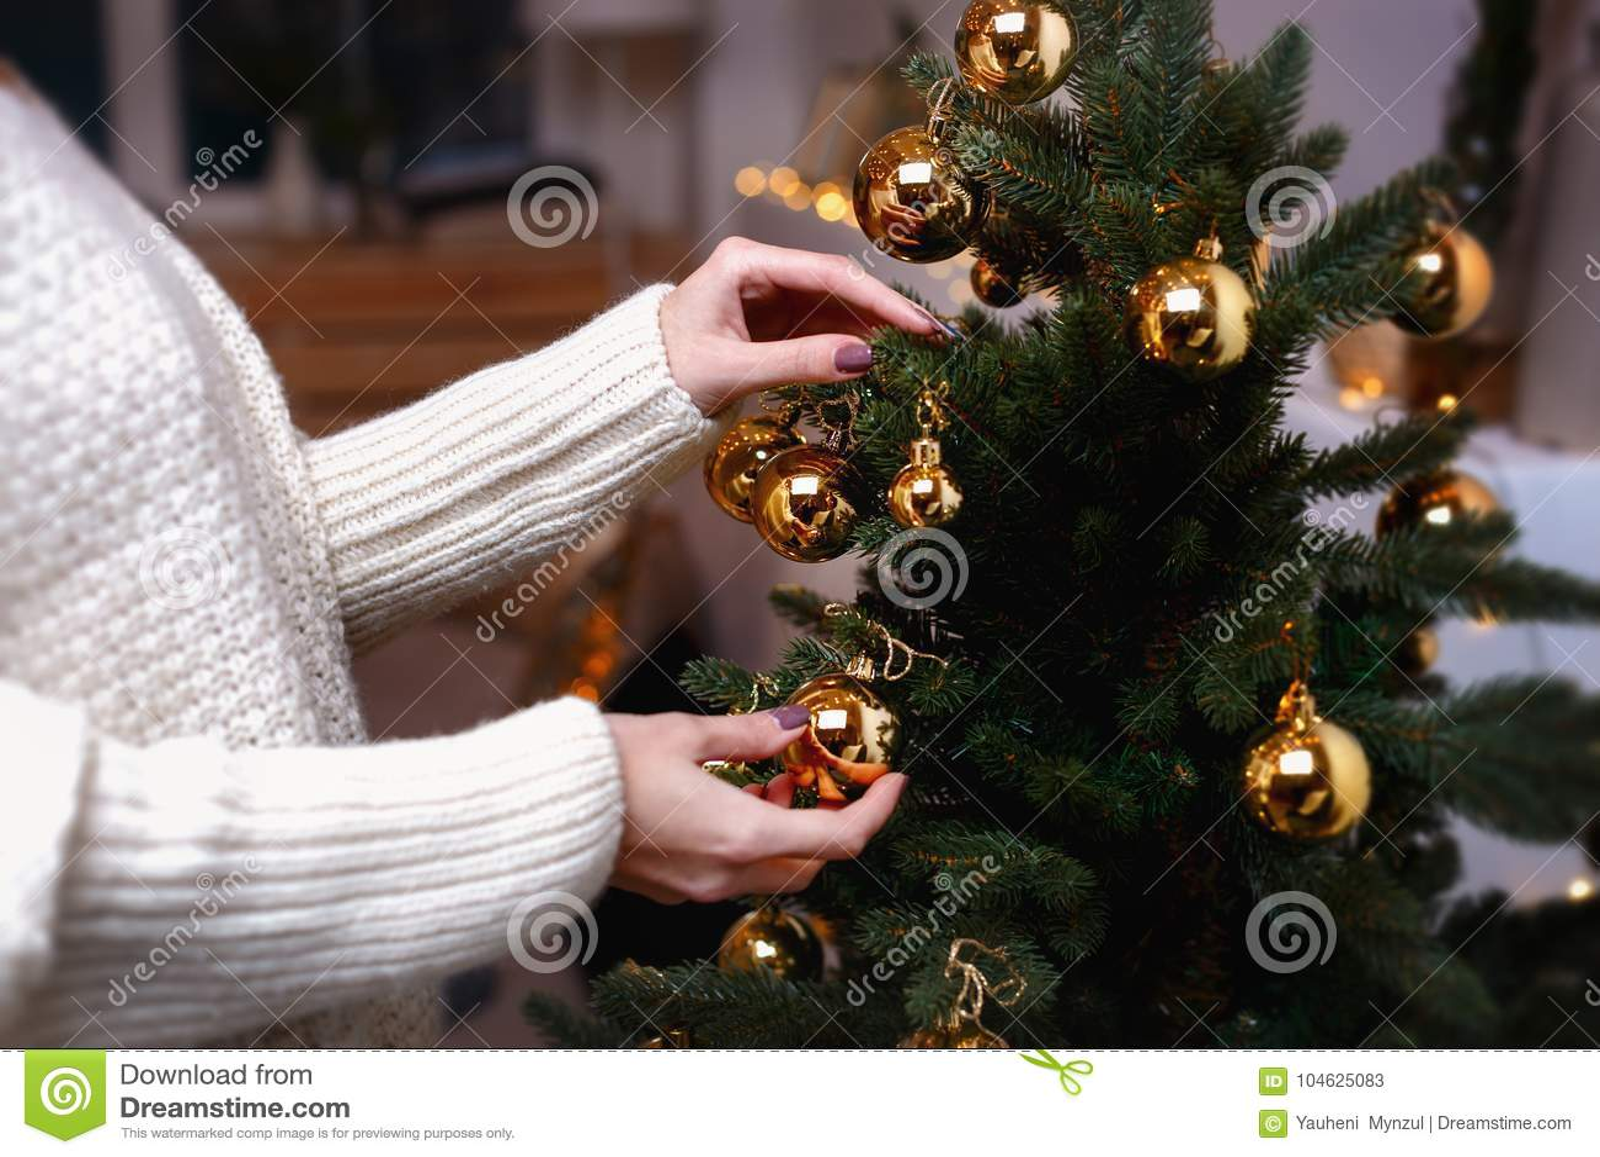 Download De Jonge Vrouw Verfraait De Kerstmisboom Creërend De Vakantieatmosfeer Stock Afbeelding - Afbeelding bestaande uit feestelijk, mooi: 104625083